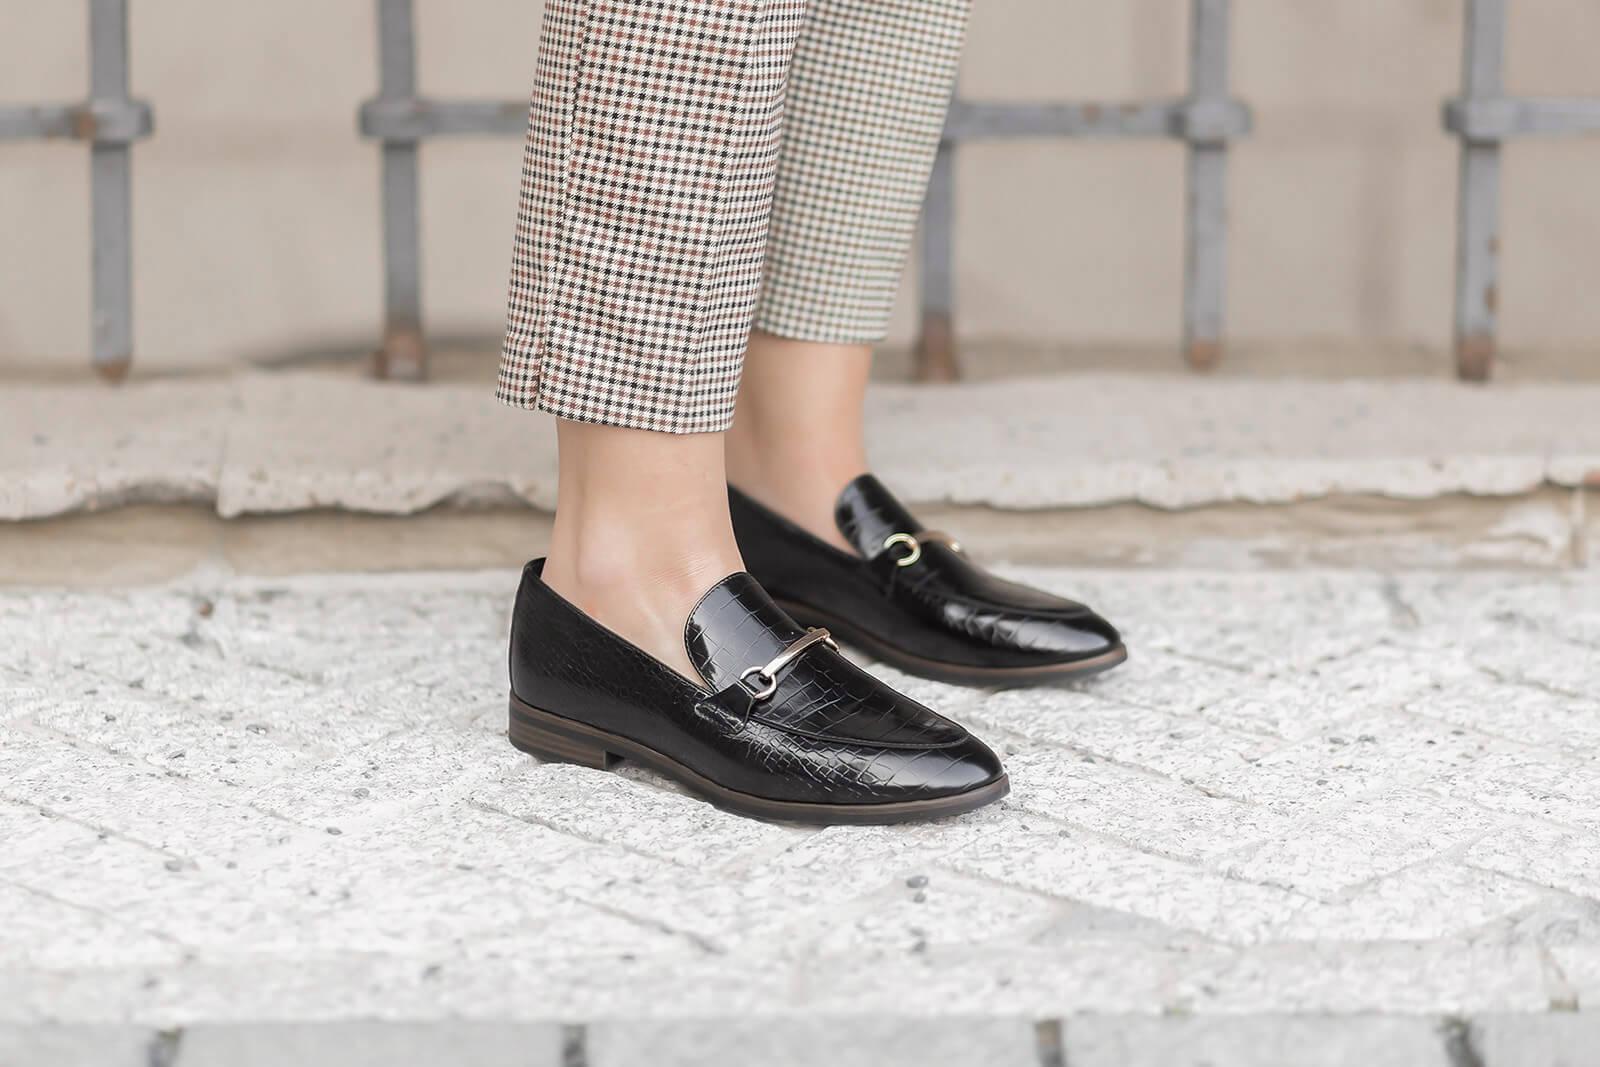 Schuhe für den Übergang, Loafer, Schuhtrends Frühling 2021, Shoelove by Deichmann